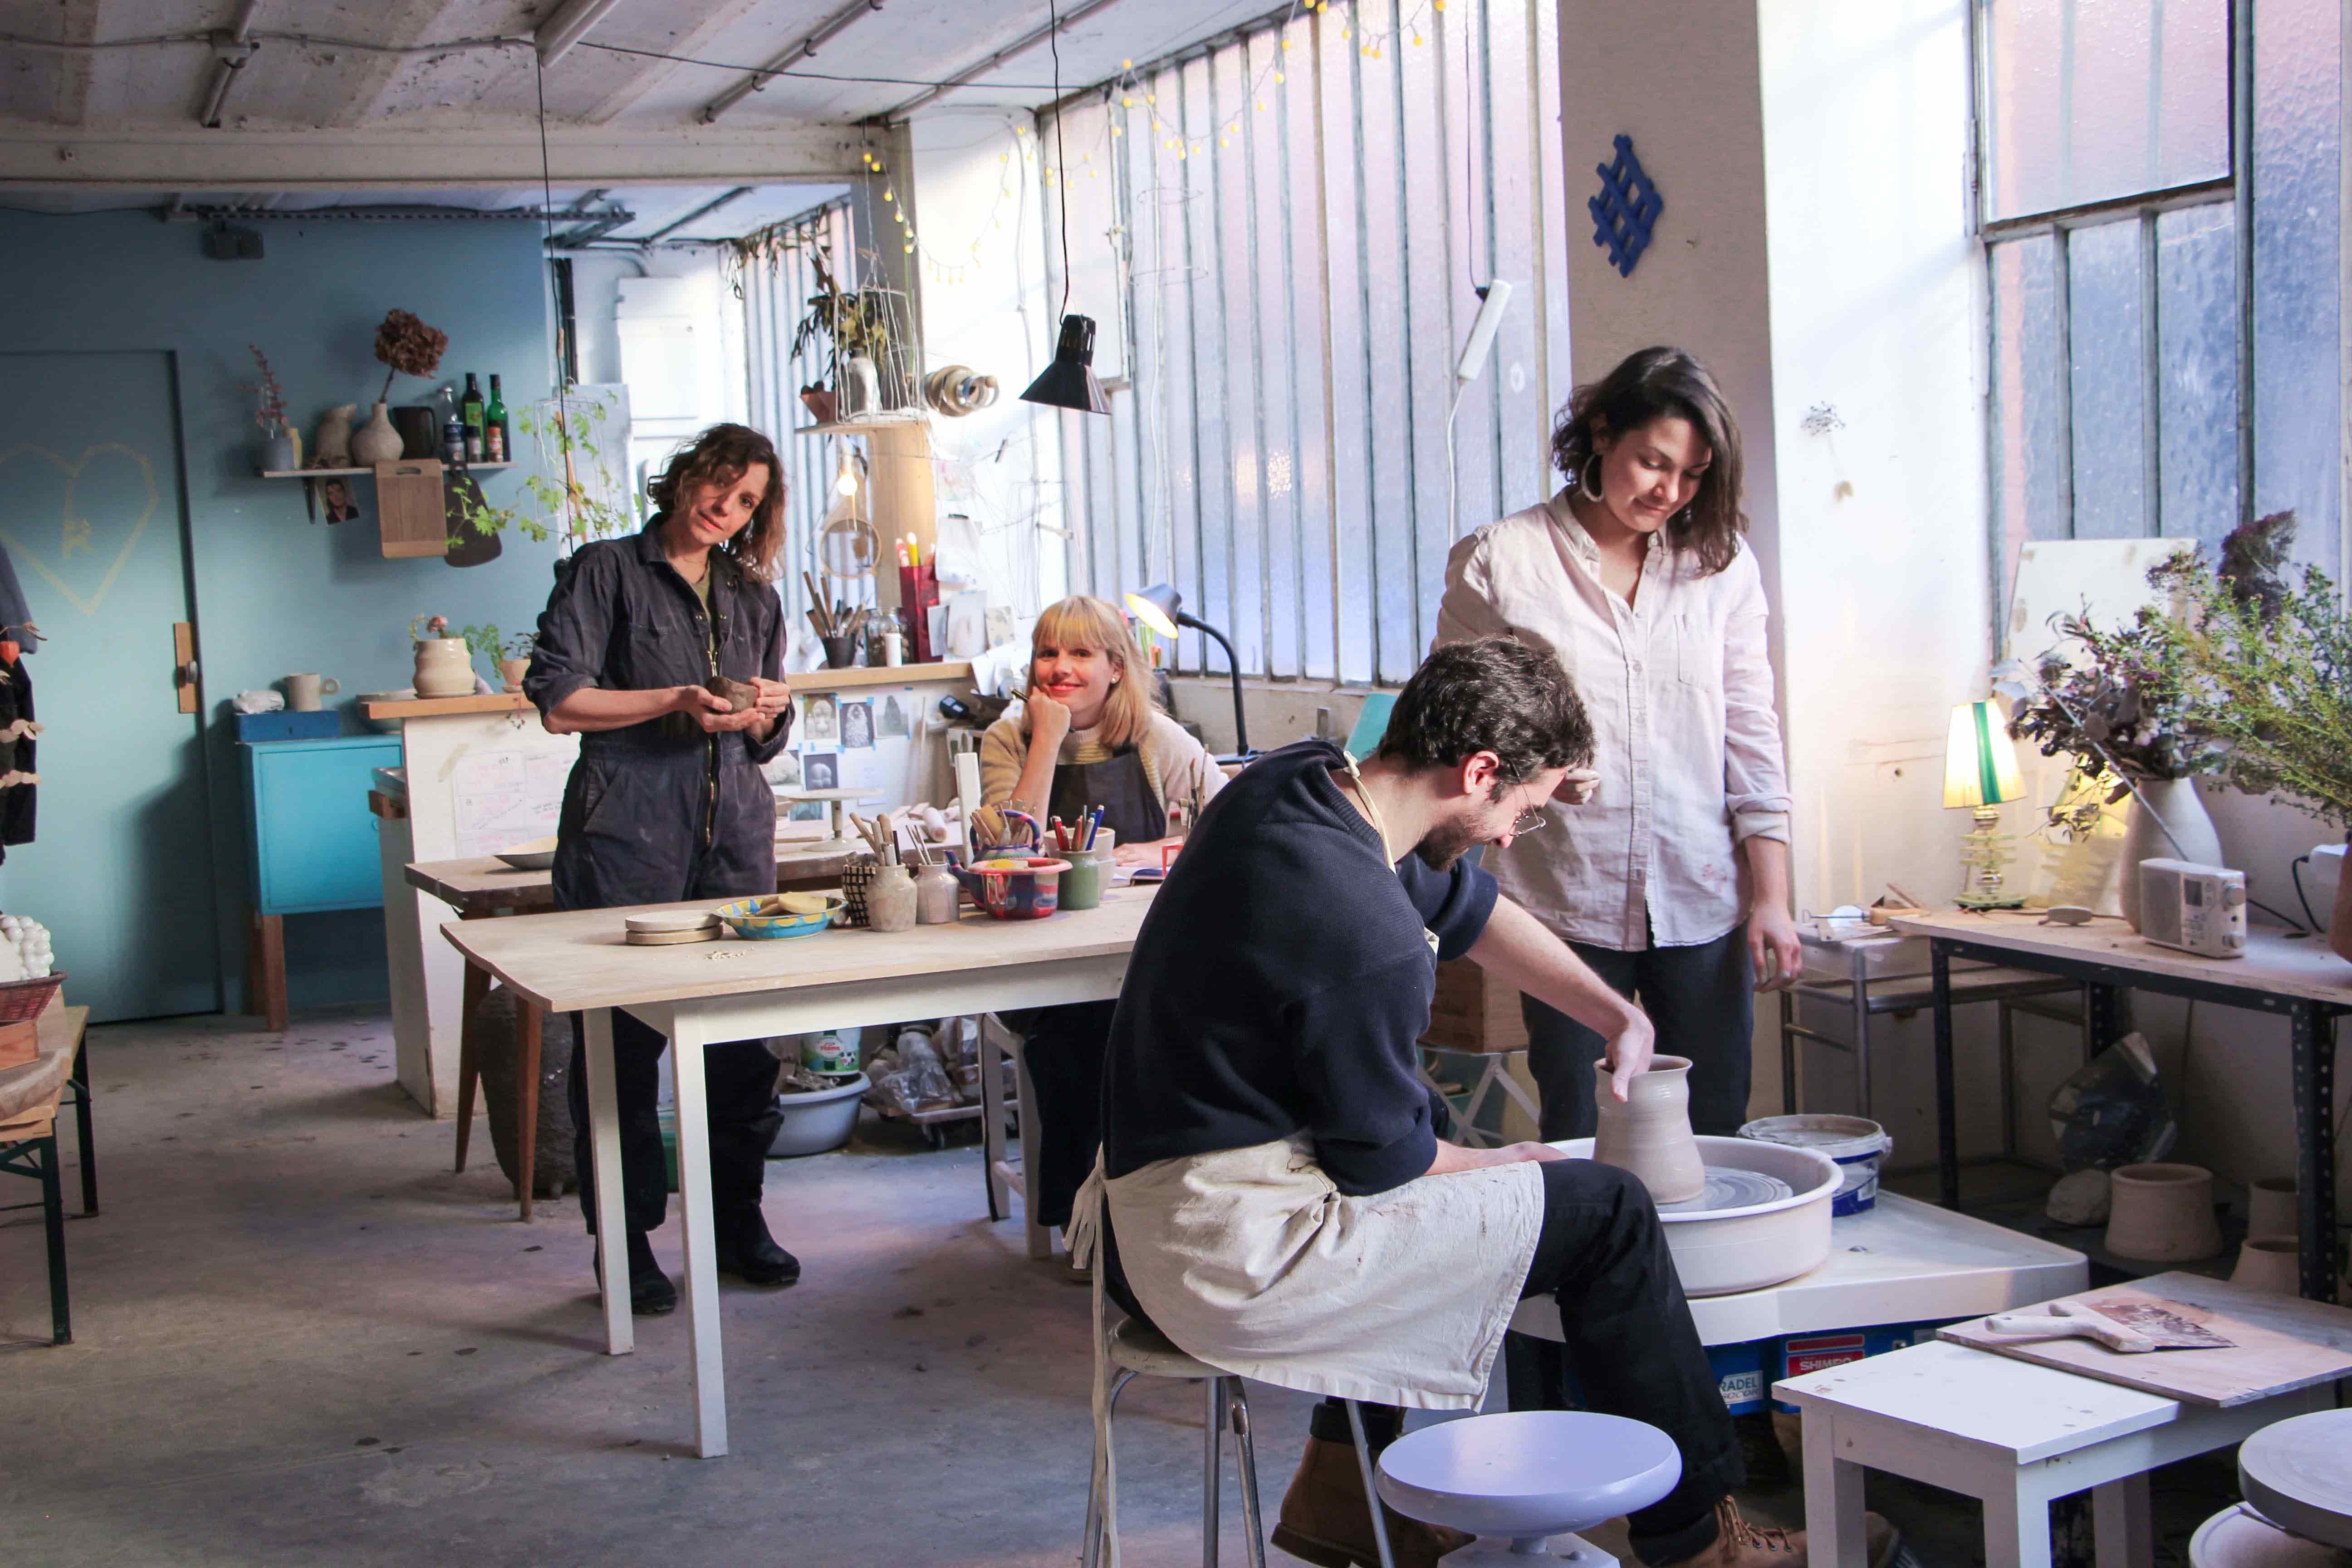 Wecandoo : à la découverte des métiers de l'artisanat ! 3